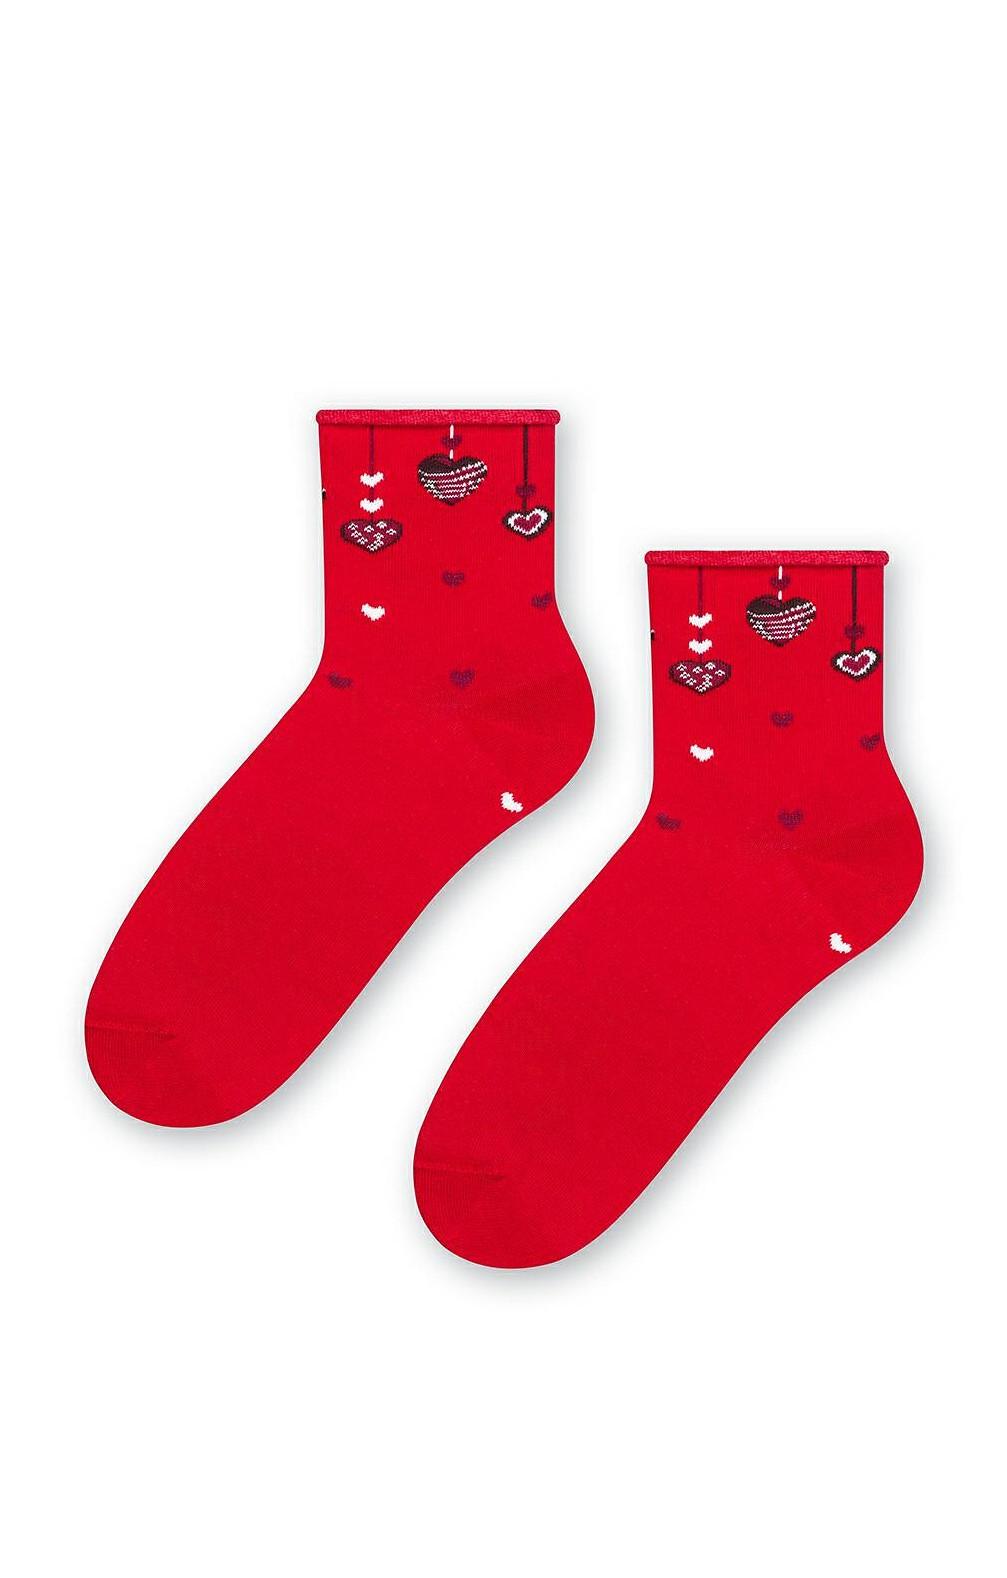 Netlačící dámské ponožky Steven art.136 Srdce tmavě modrá 35-38